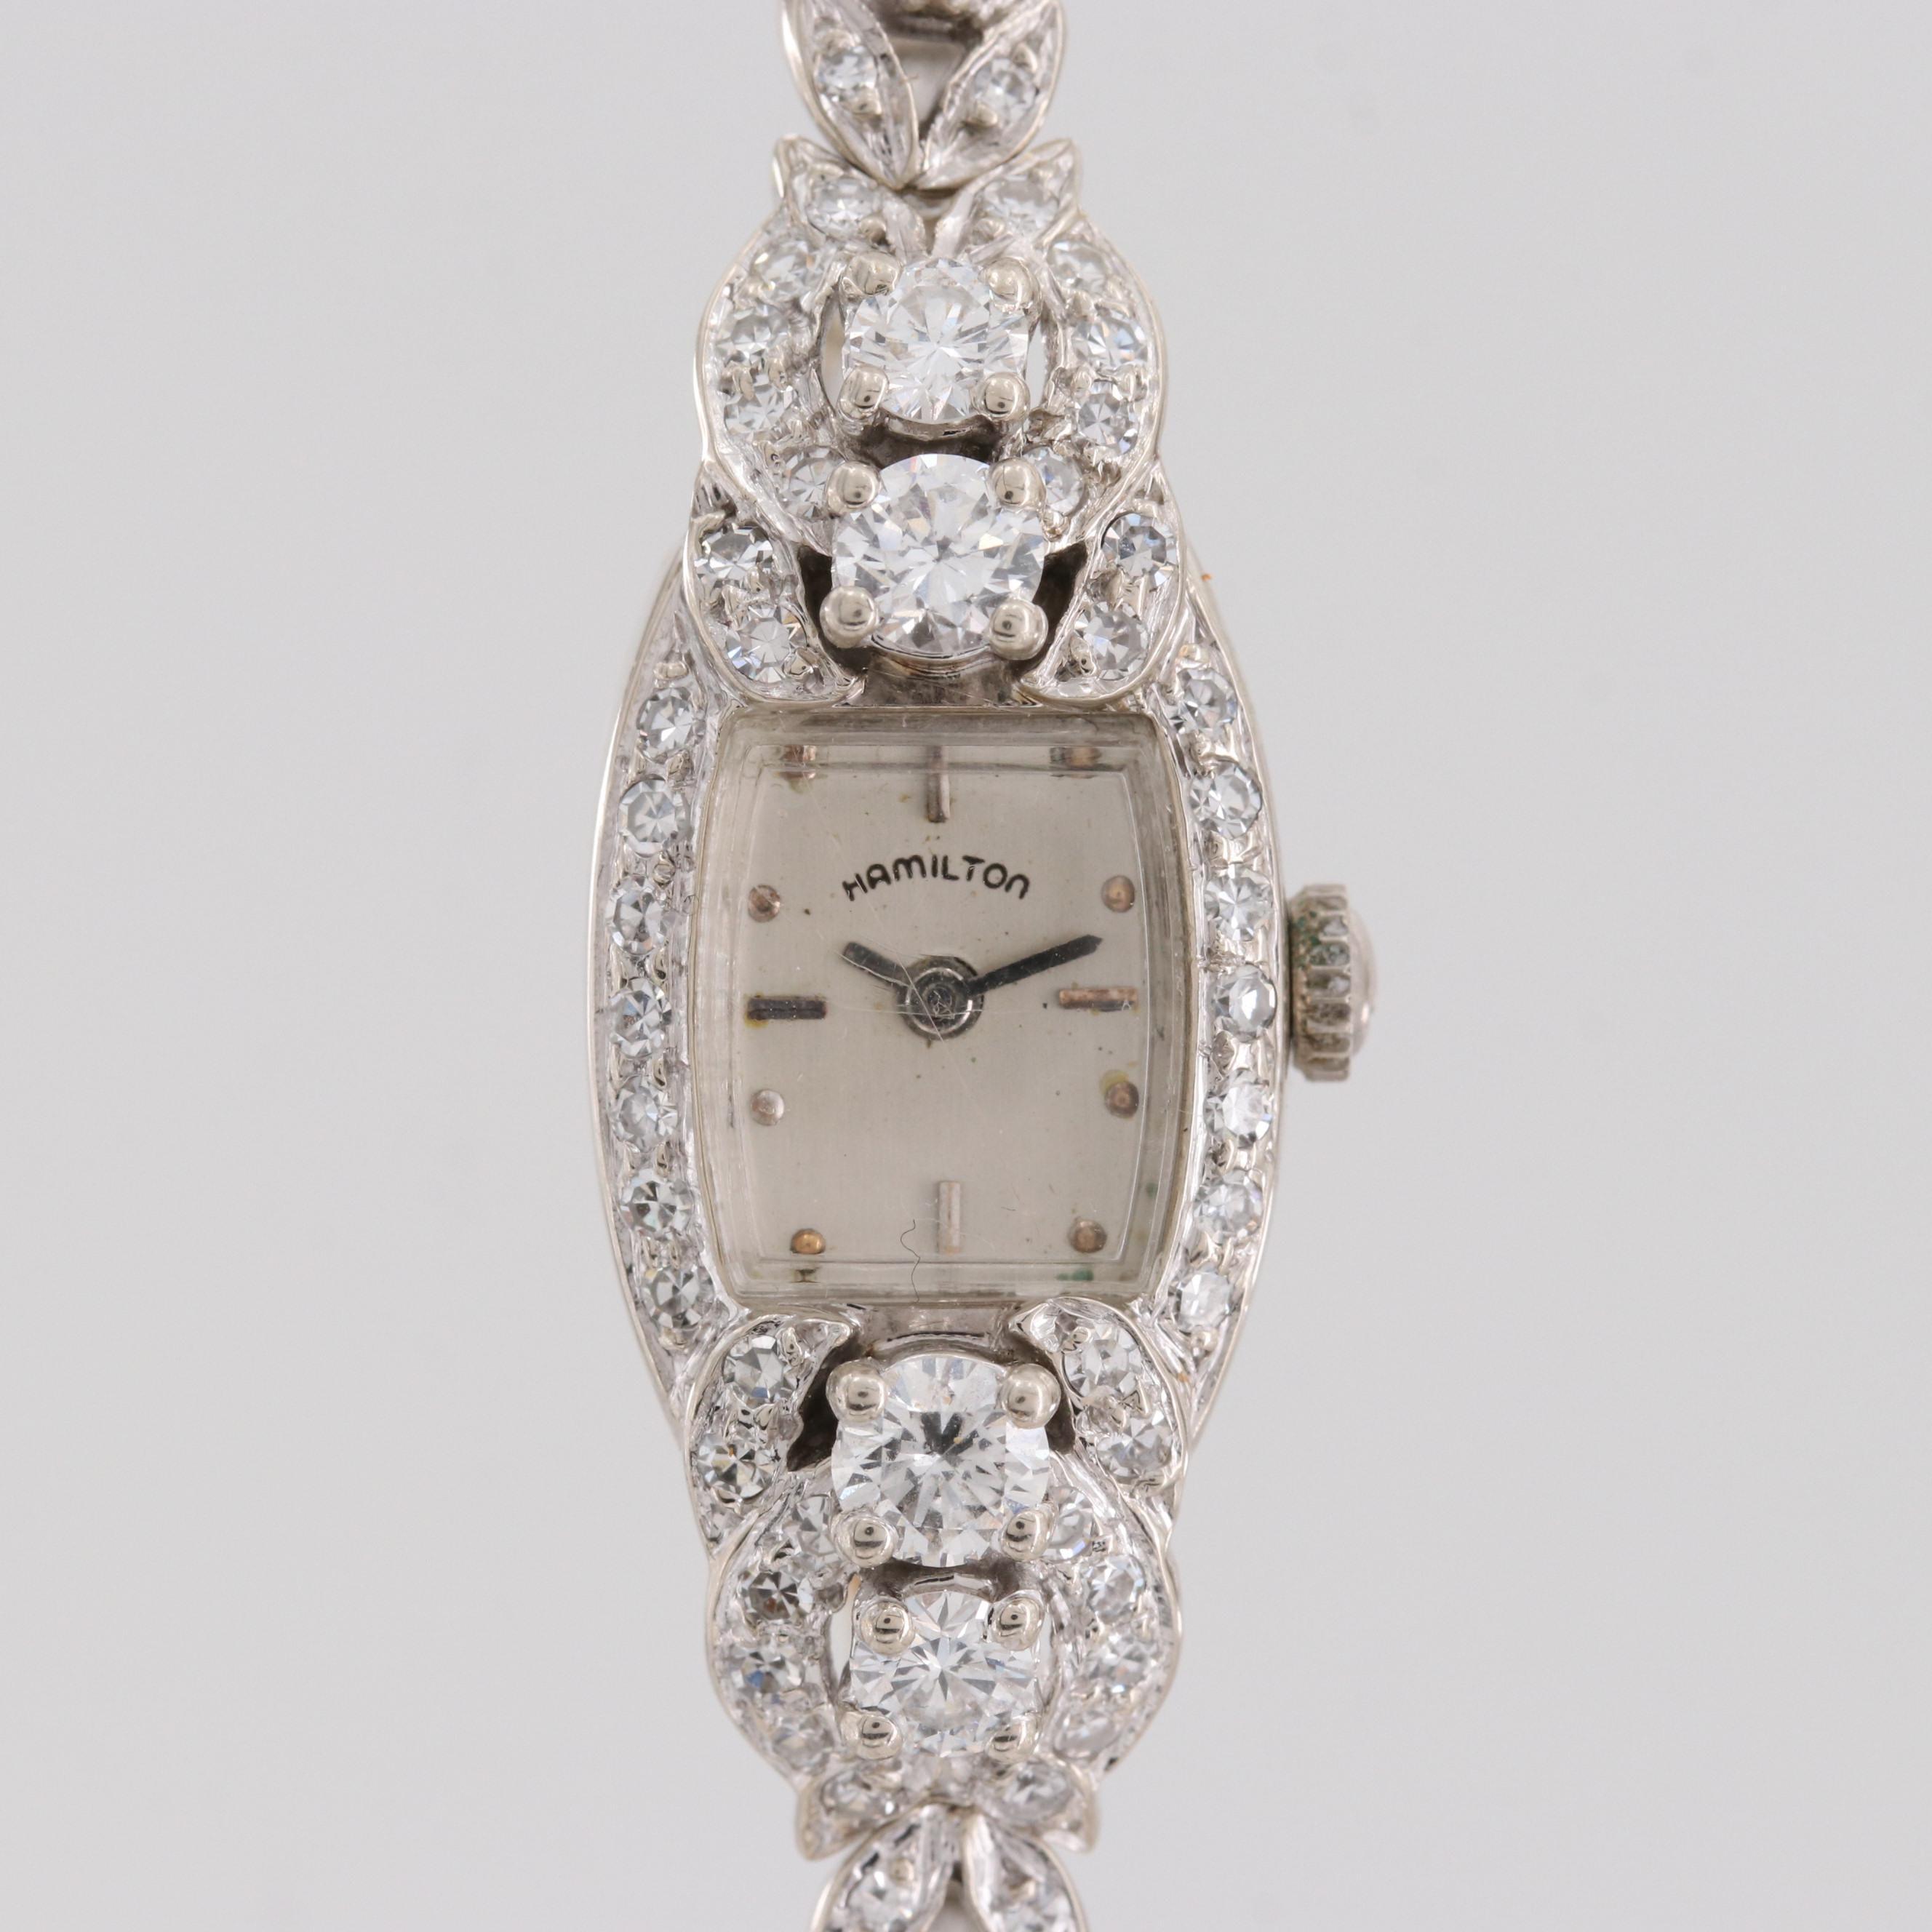 Vintage Hamilton 14K White Gold 2.55 CTW Diamond Quartz Wristwatch